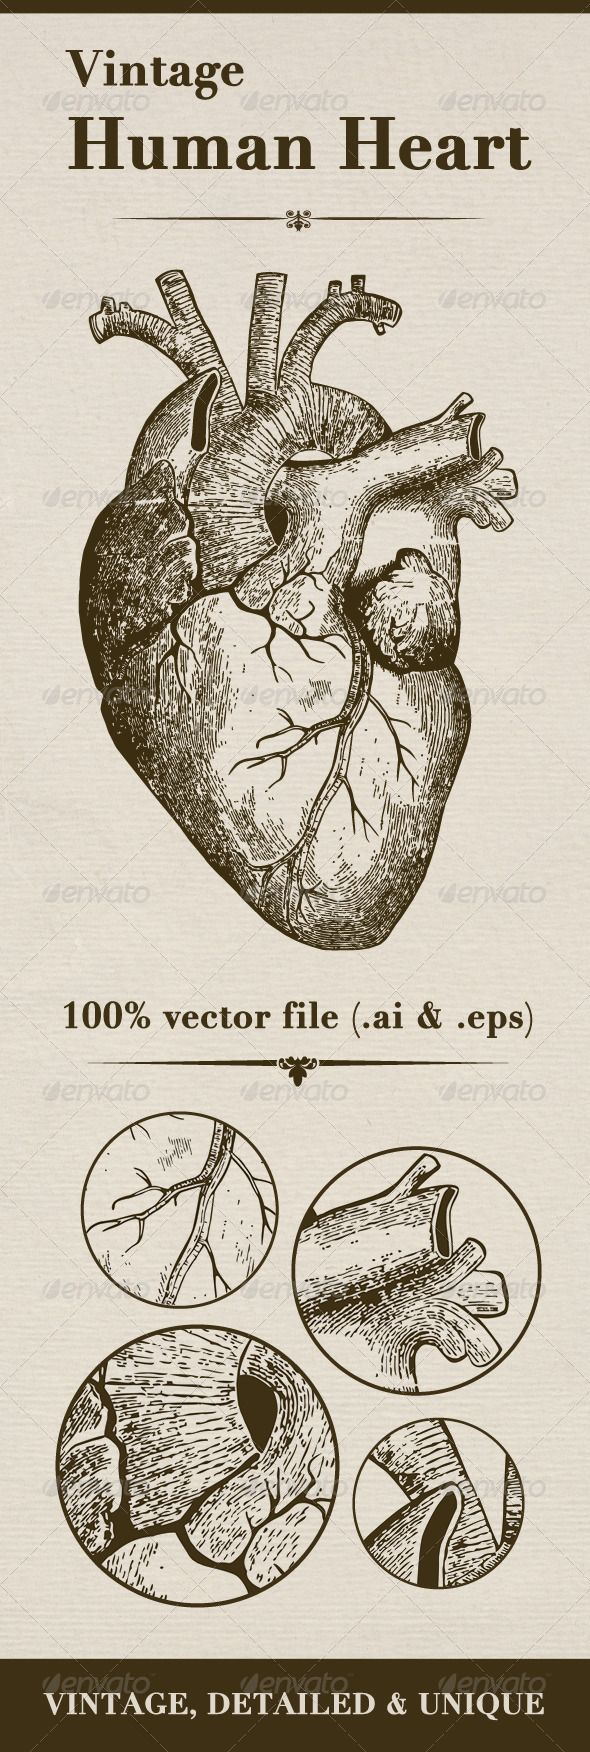 Organs clipart antique Pinterest cartoon some You Vintage